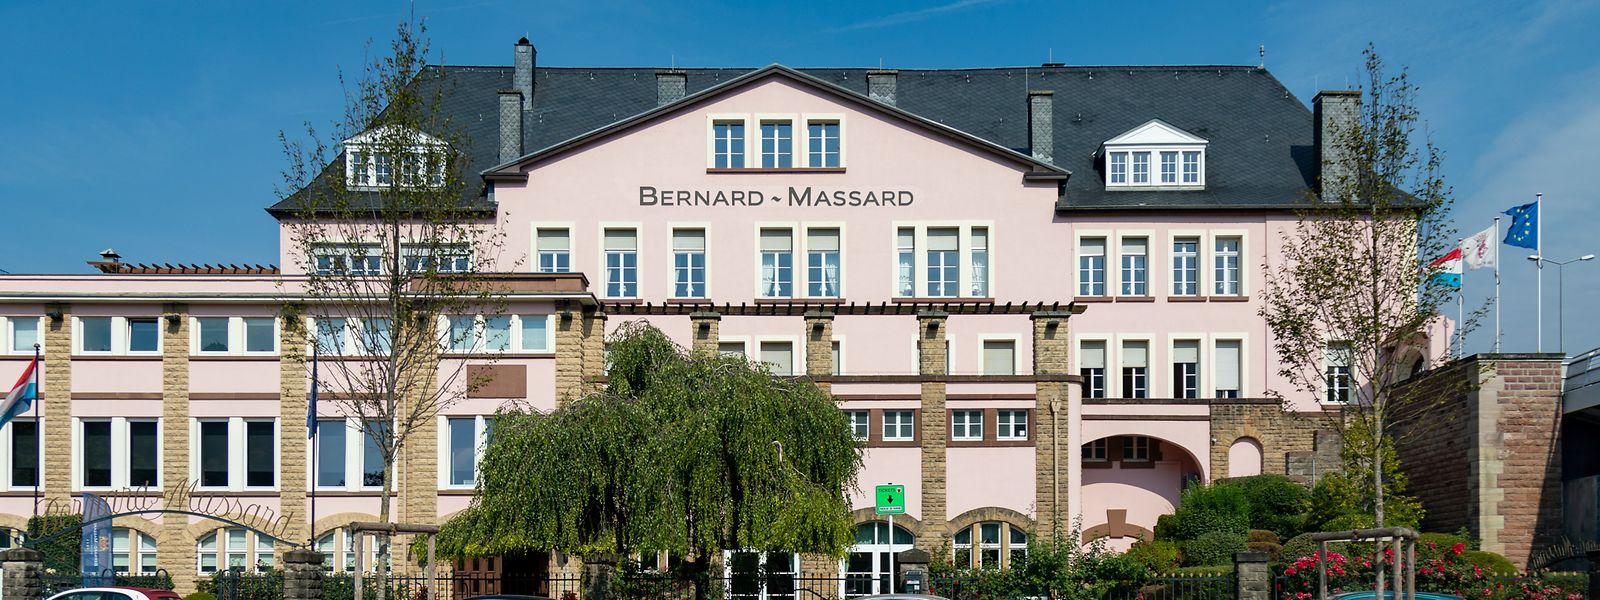 Der Sitz der Caves Bernard-Massard befindet sich in Grevenmacher, nahe der Grenze zu Deutschland.